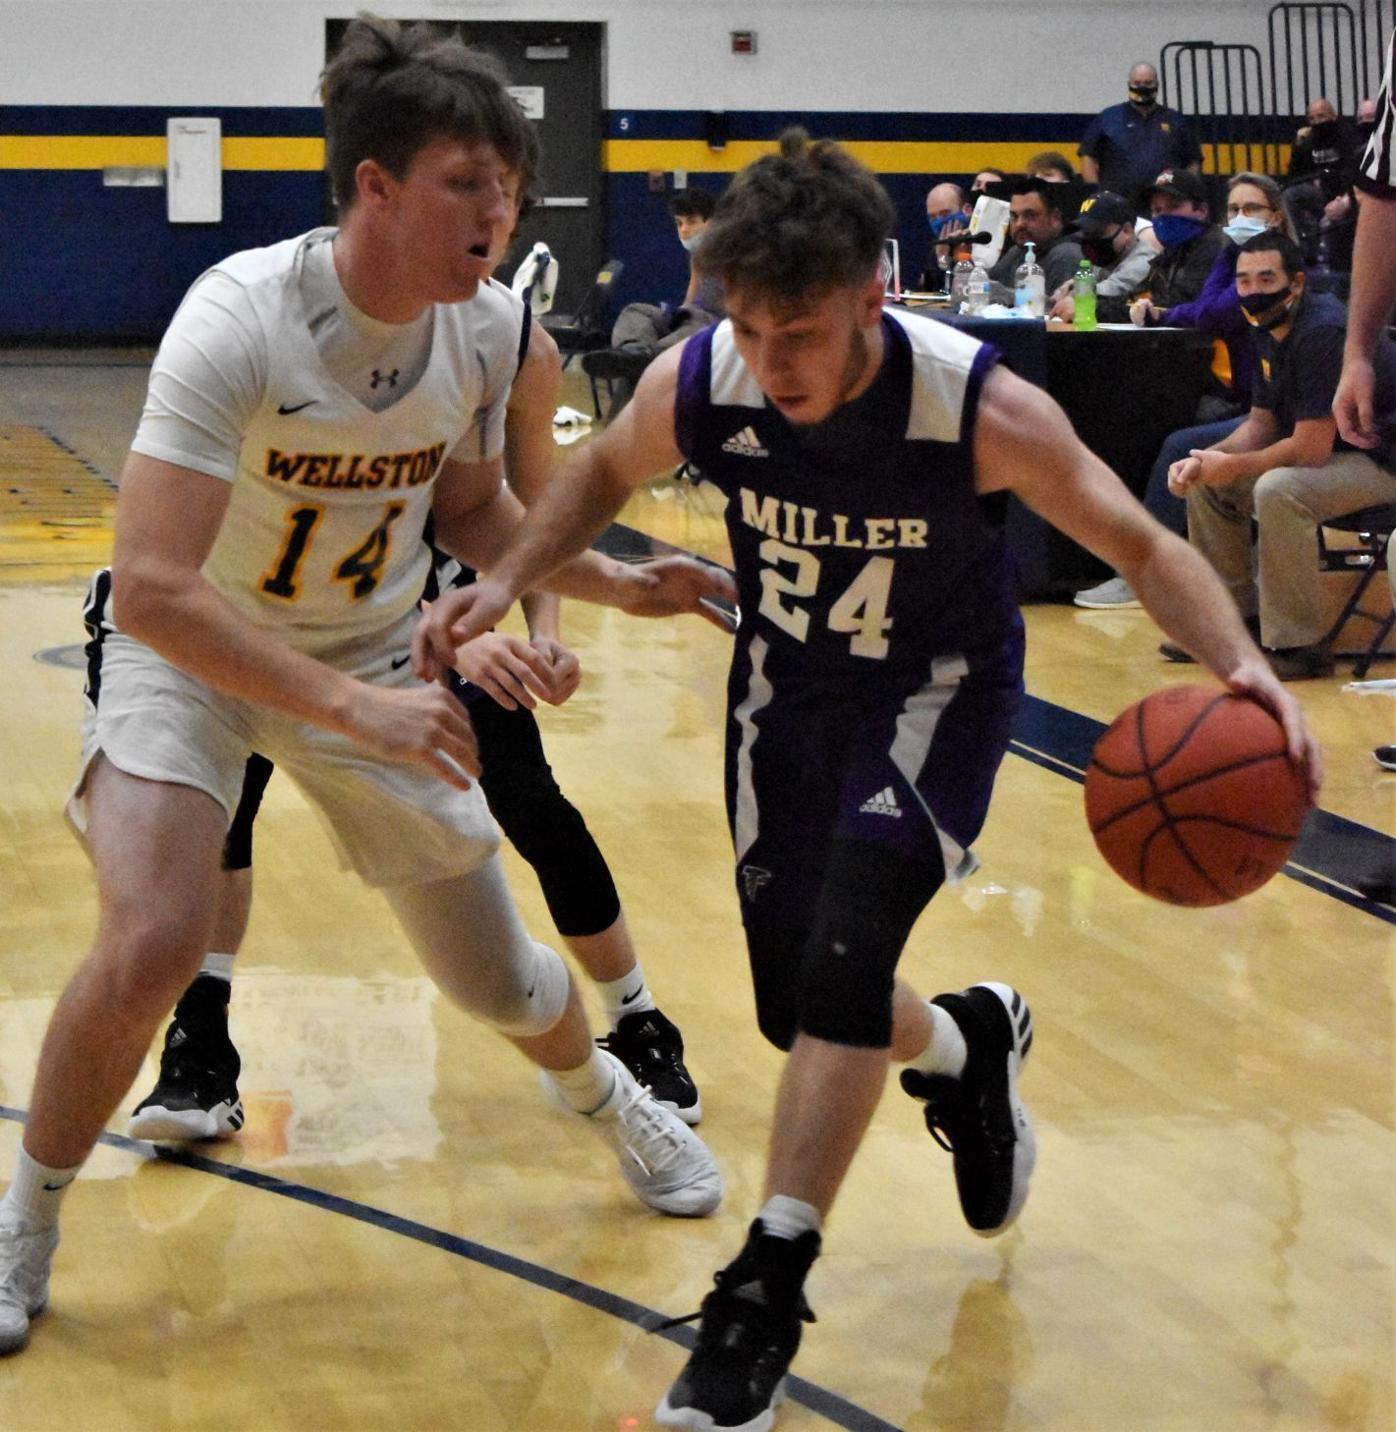 Miller vs Wellston Boys Basketball